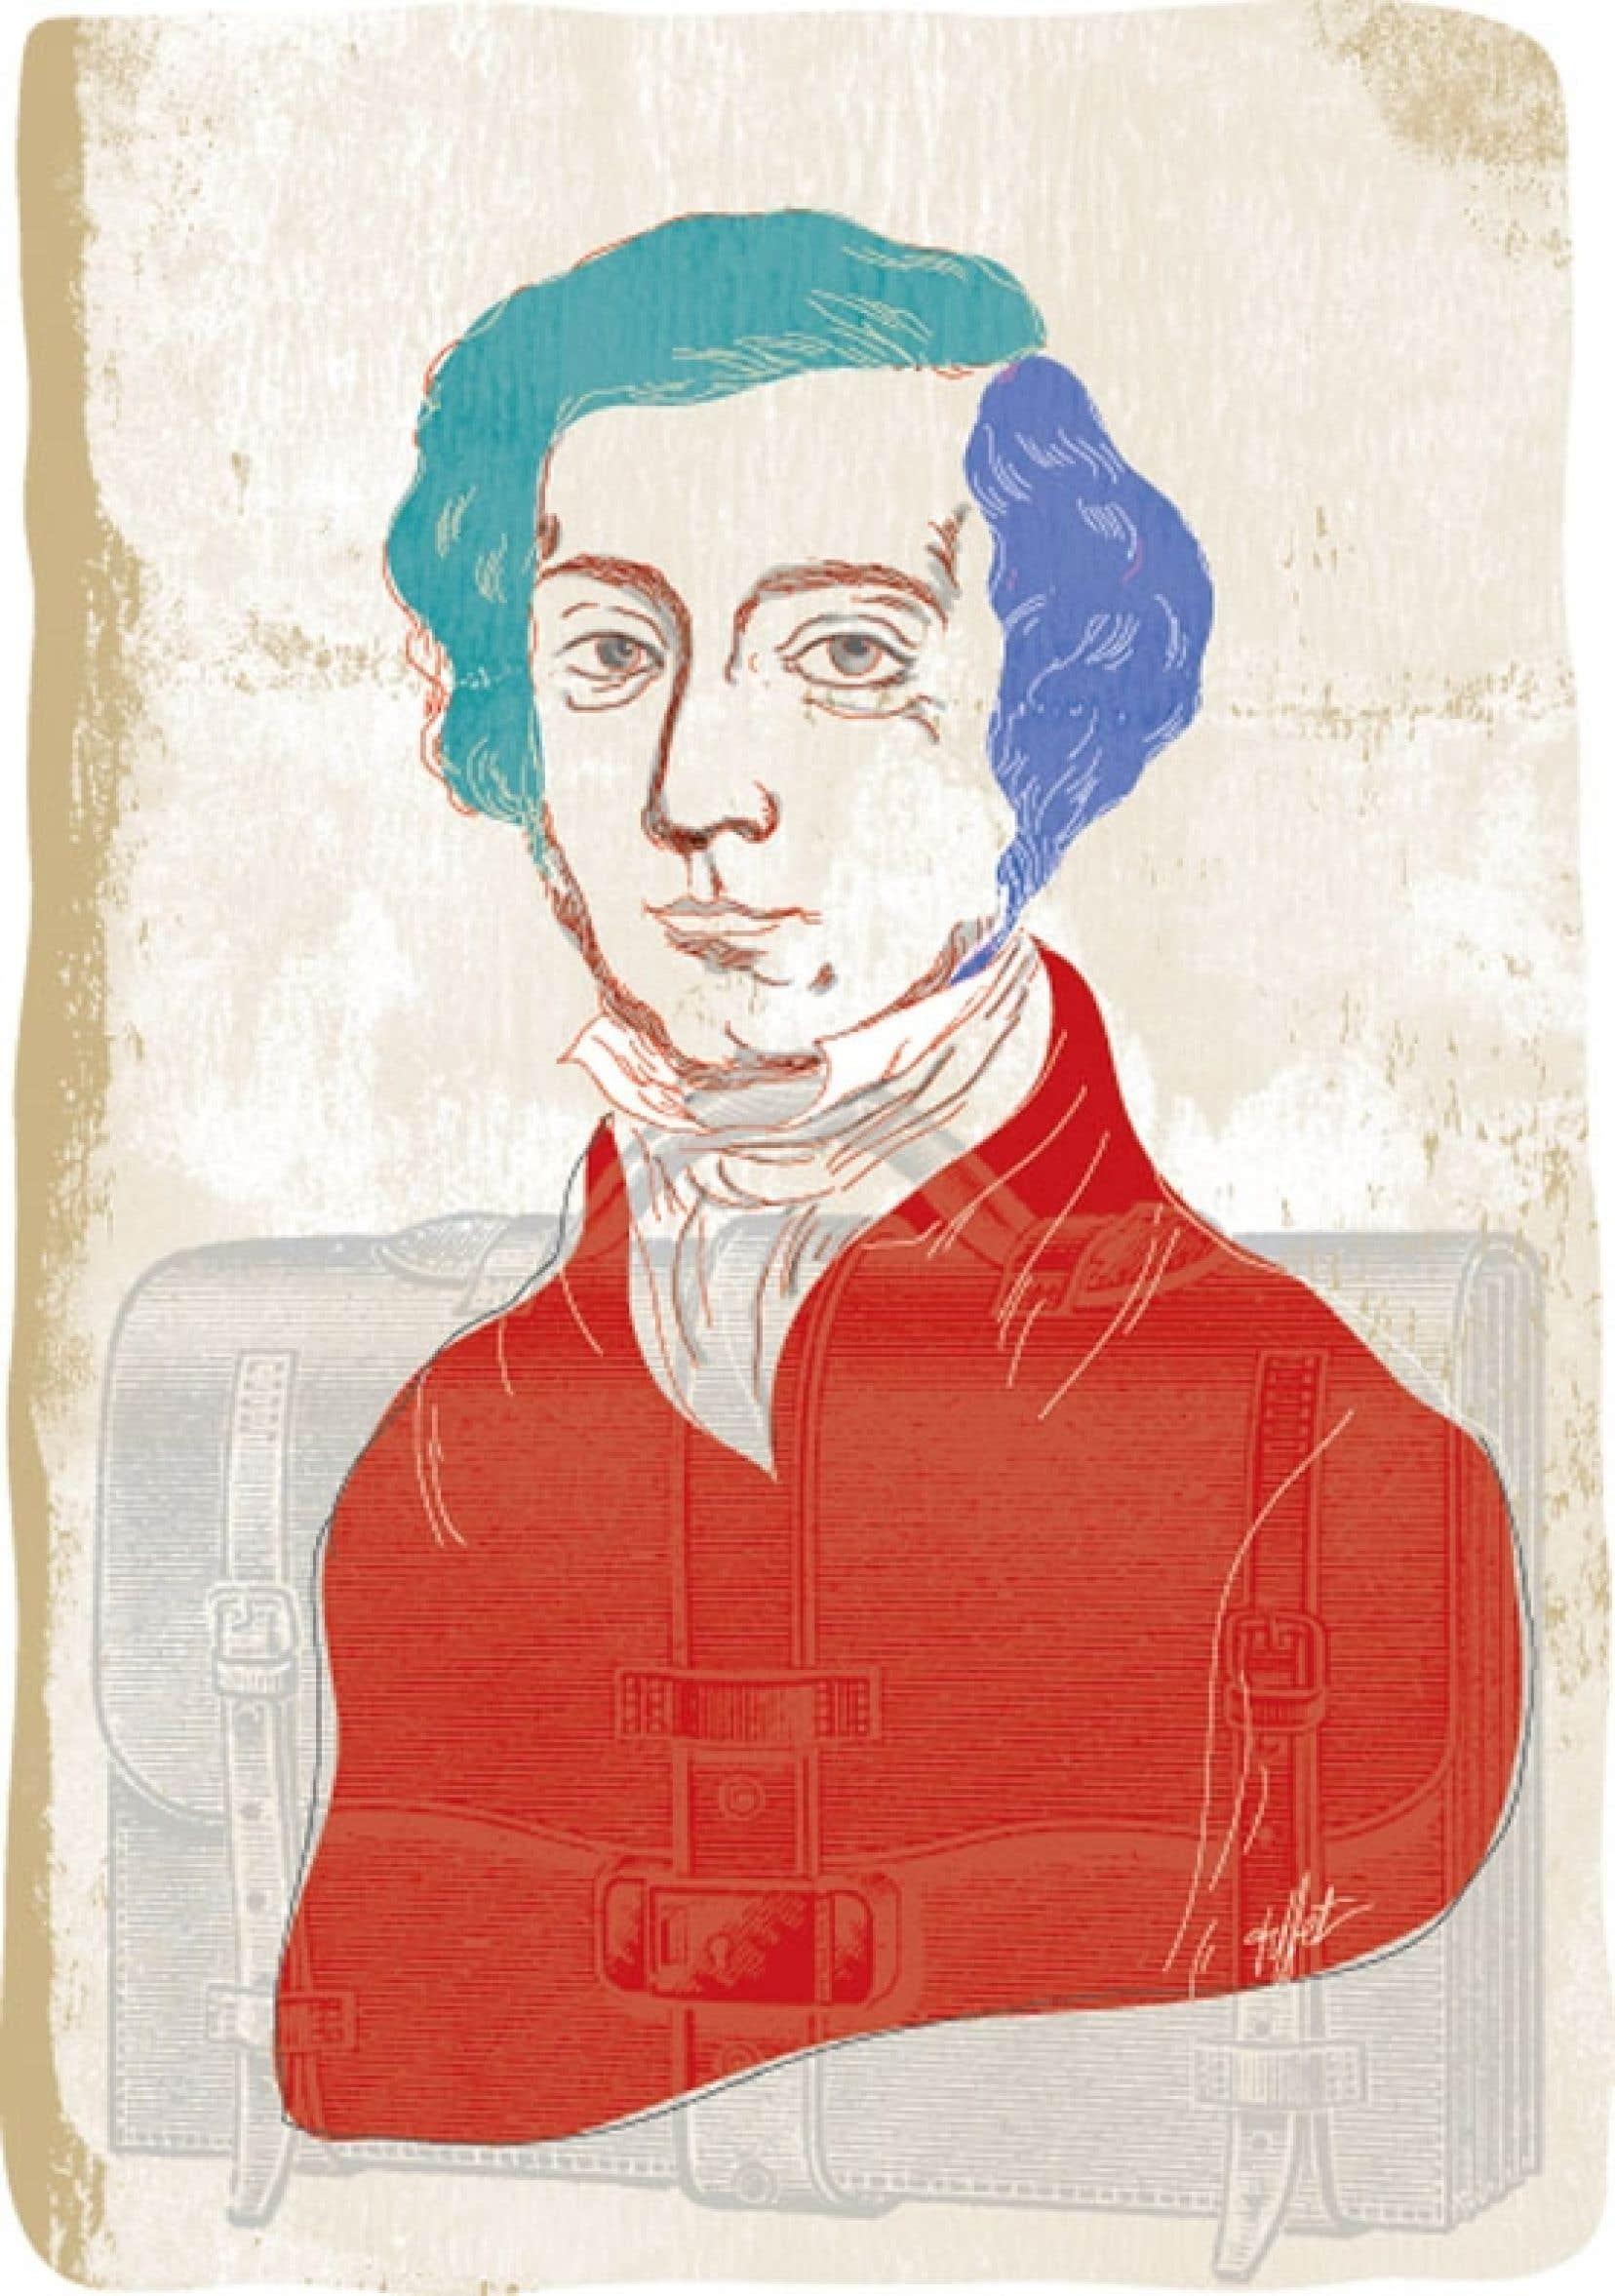 Alexis de Tocqueville (1805-1859) regarderait le prochain Sommet sur l'enseignement supérieur en nous rappelant que, « s'il y a des peuples qui se laissent arracher des mains la lumière, il y en a d'autres qui l'étouffent eux-mêmes sous leurs pieds ».